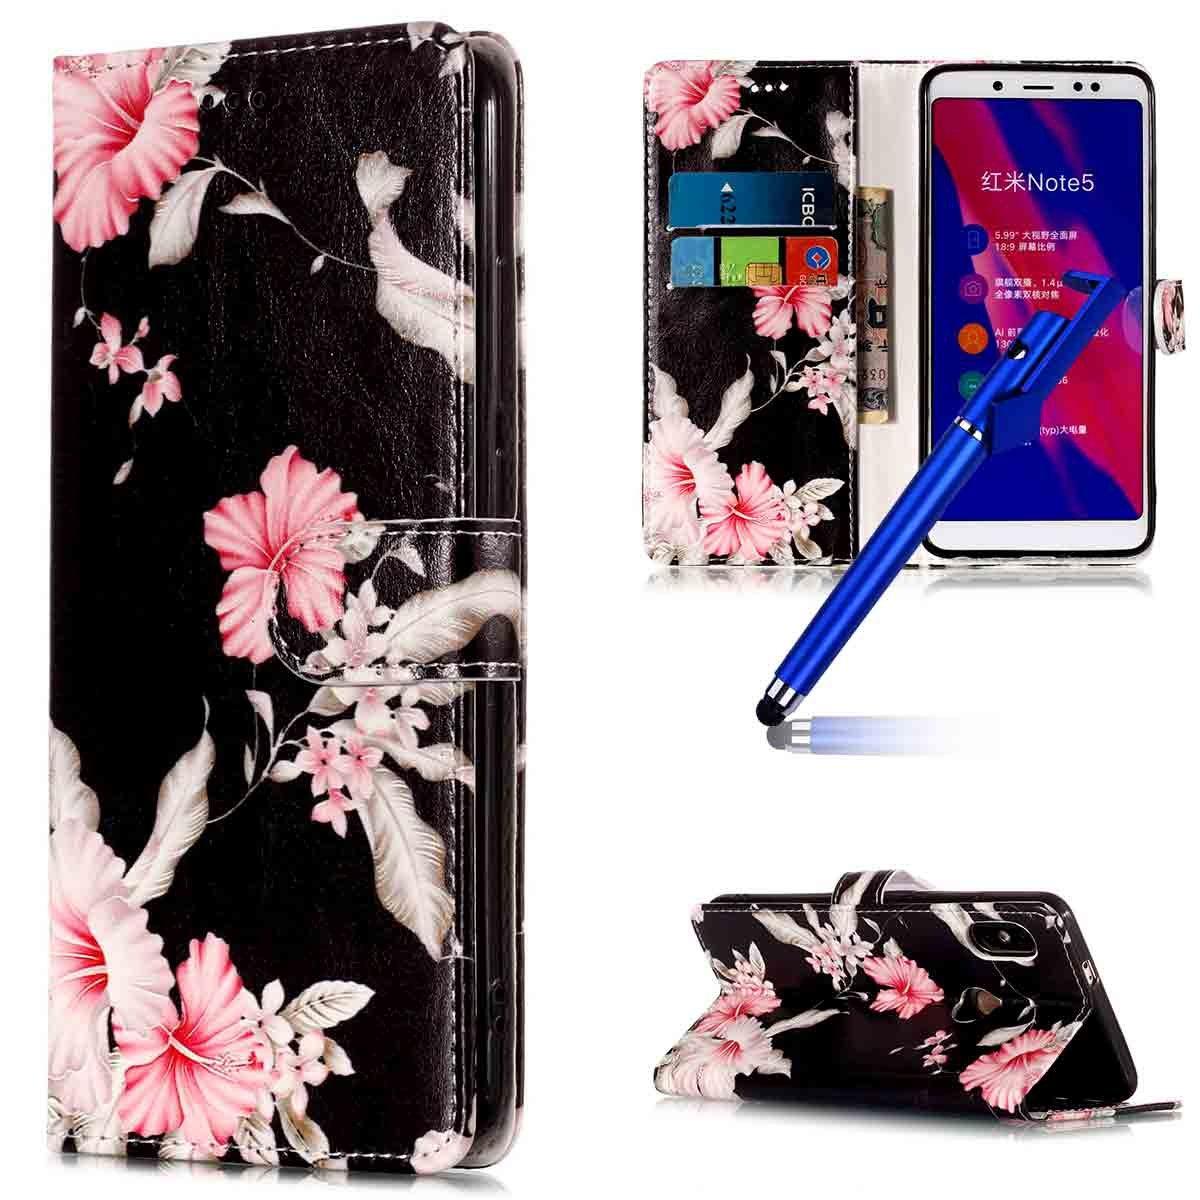 MoreChioce Xiaomi Redmi Note 5 Hülle,Leder Flip Case für Xiaomi Redmi Note 5, Handyhülle Ledertasche Klapphülle Magnetische für Xiaomi Redmi Note 5